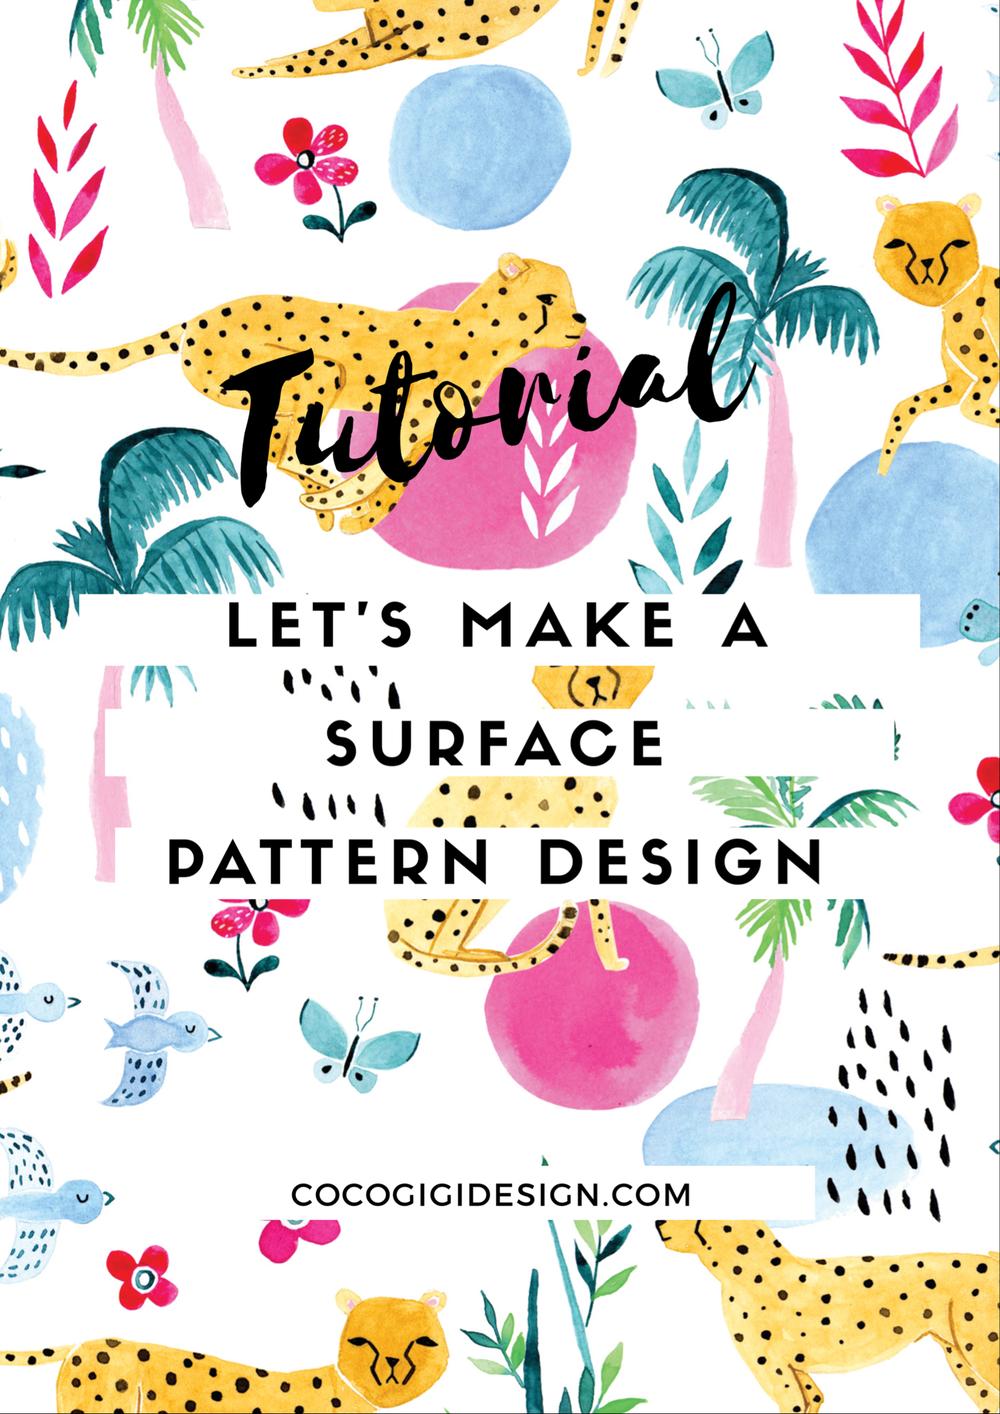 Gina Maldonado - Surface pattern design tutorial.png.png